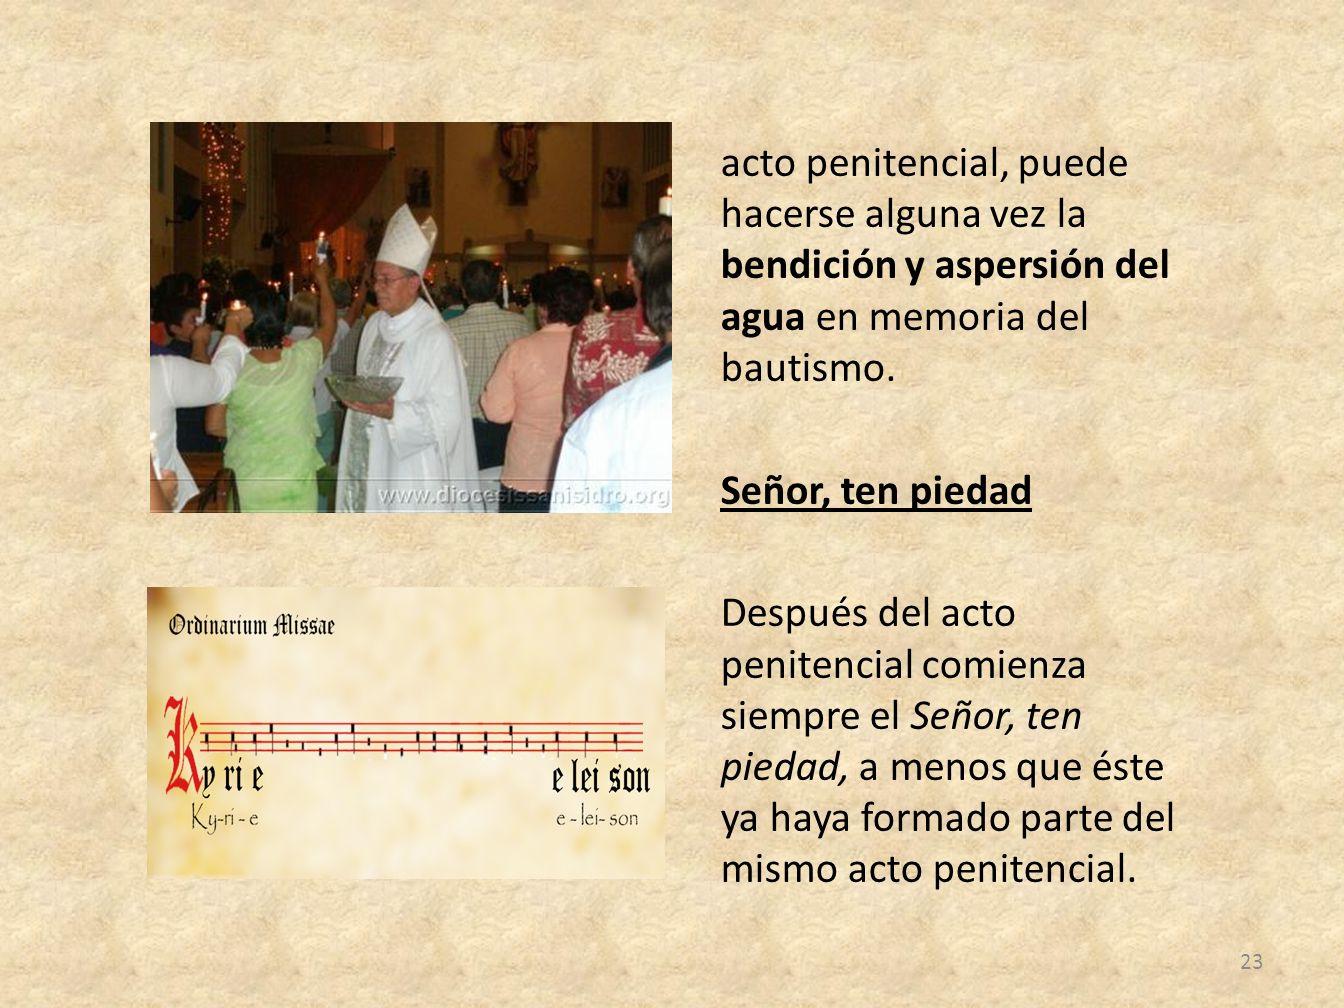 acto penitencial, puede hacerse alguna vez la bendición y aspersión del agua en memoria del bautismo. Señor, ten piedad Después del acto penitencial c